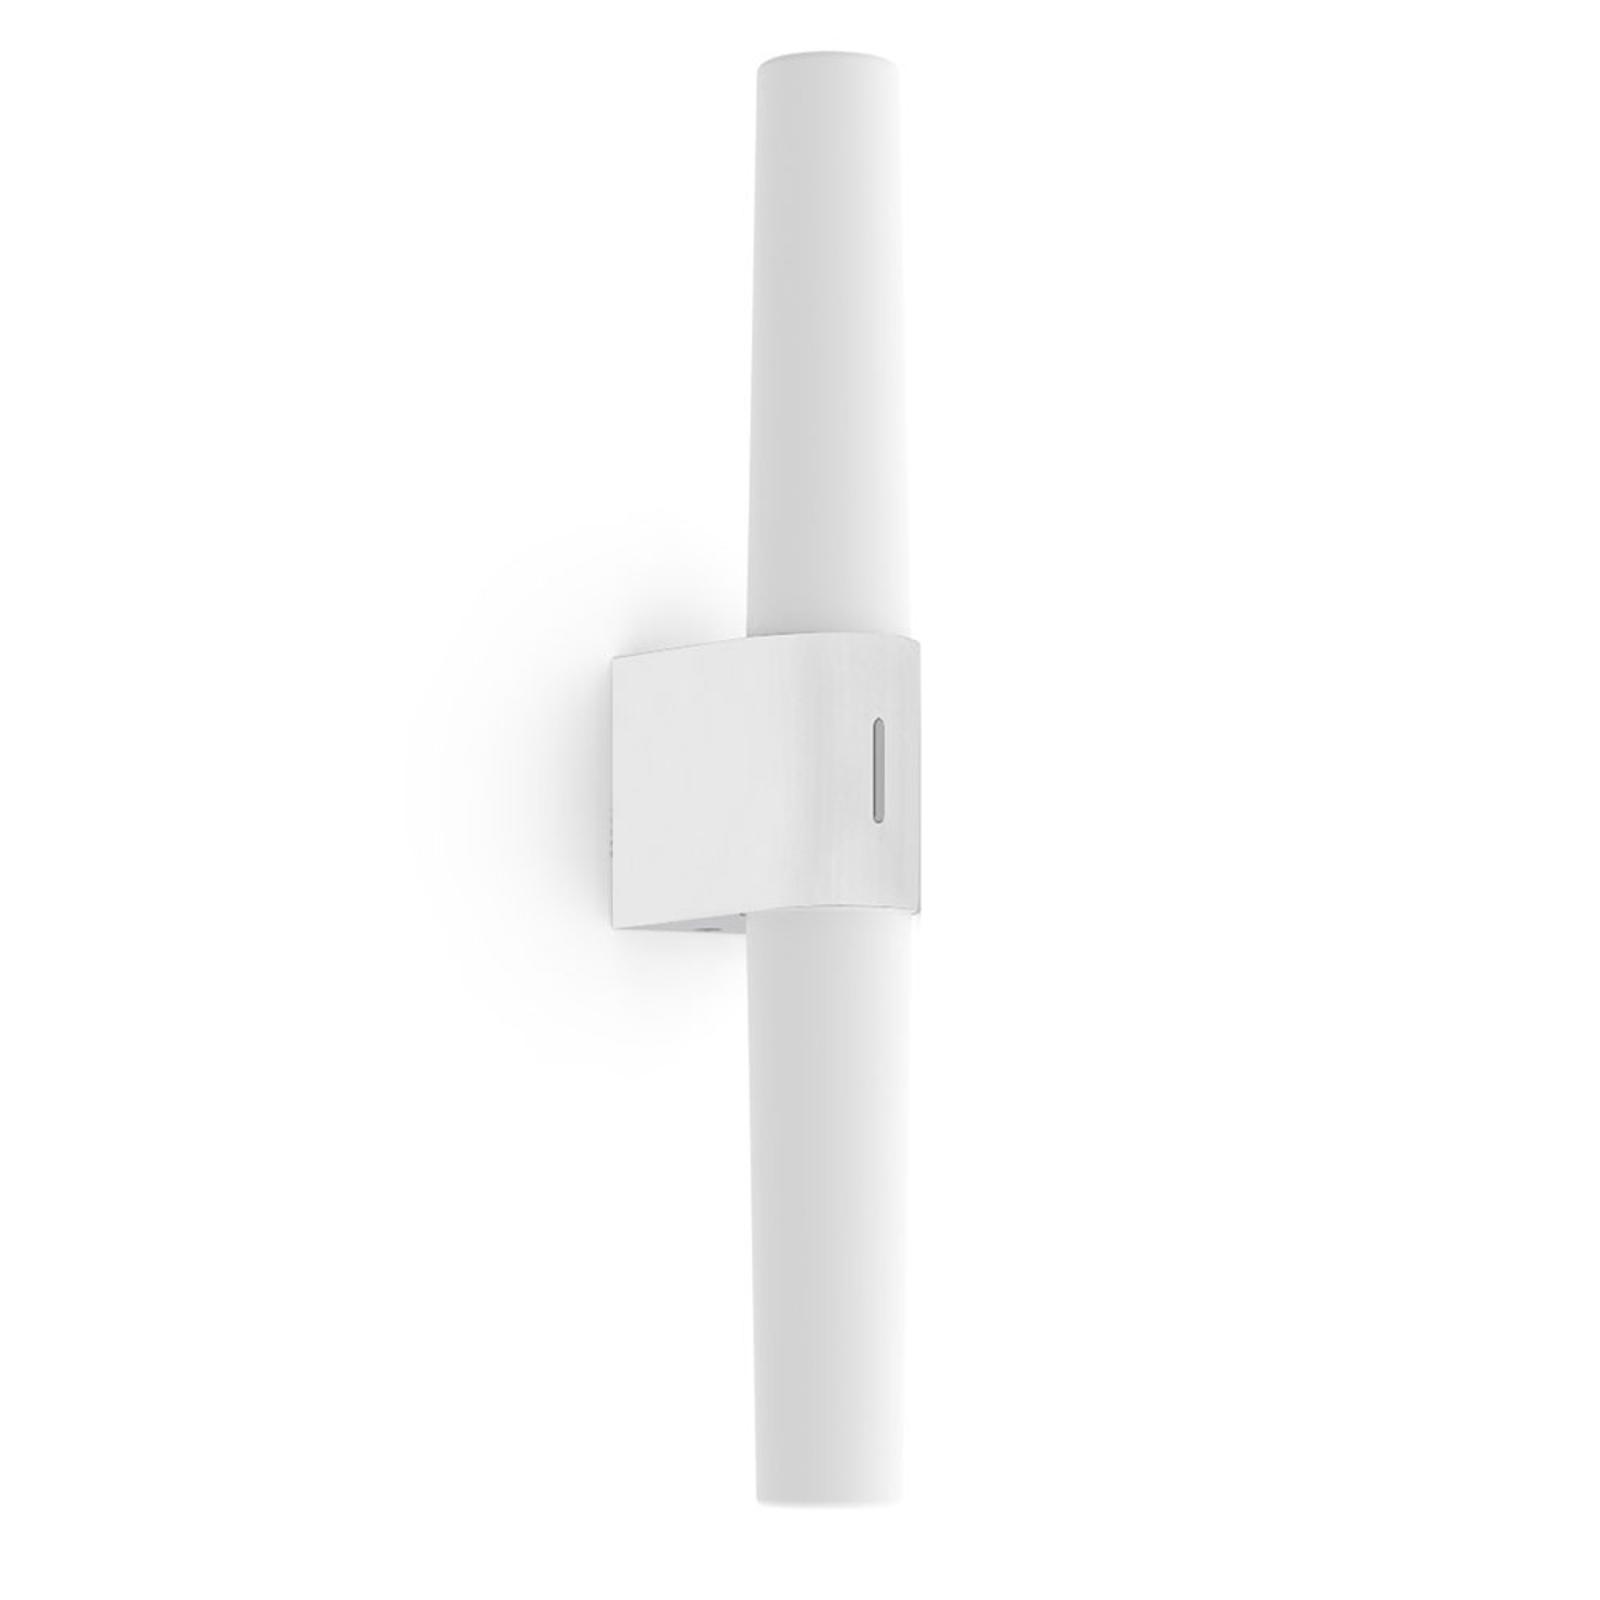 Kinkiet LED do łazienki Helva Double Basic, biały